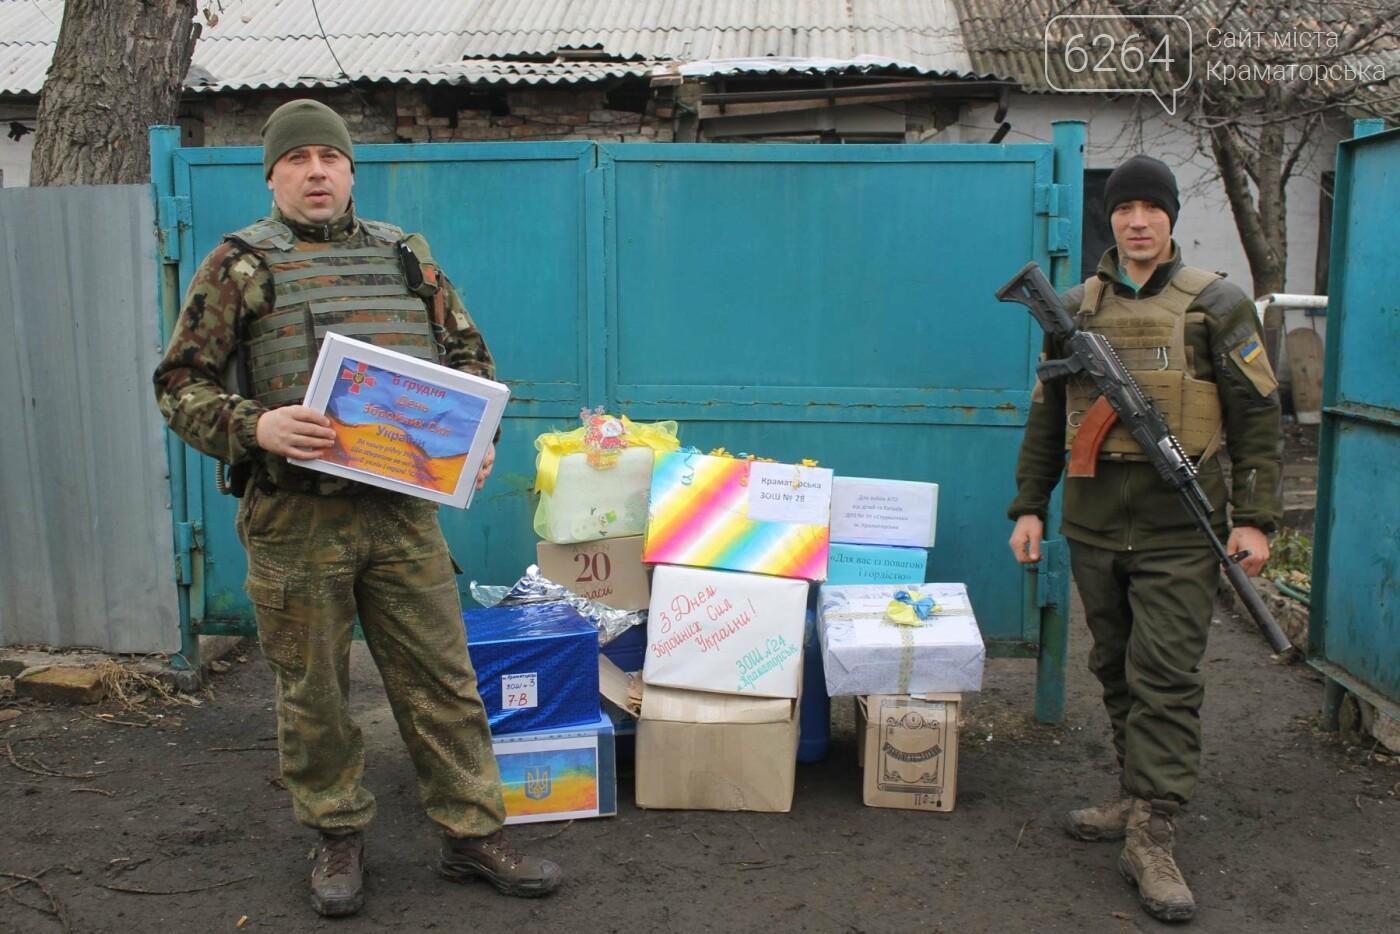 Краматорск поздравил бойцов ВСУ с профессиональным праздником, фото-3